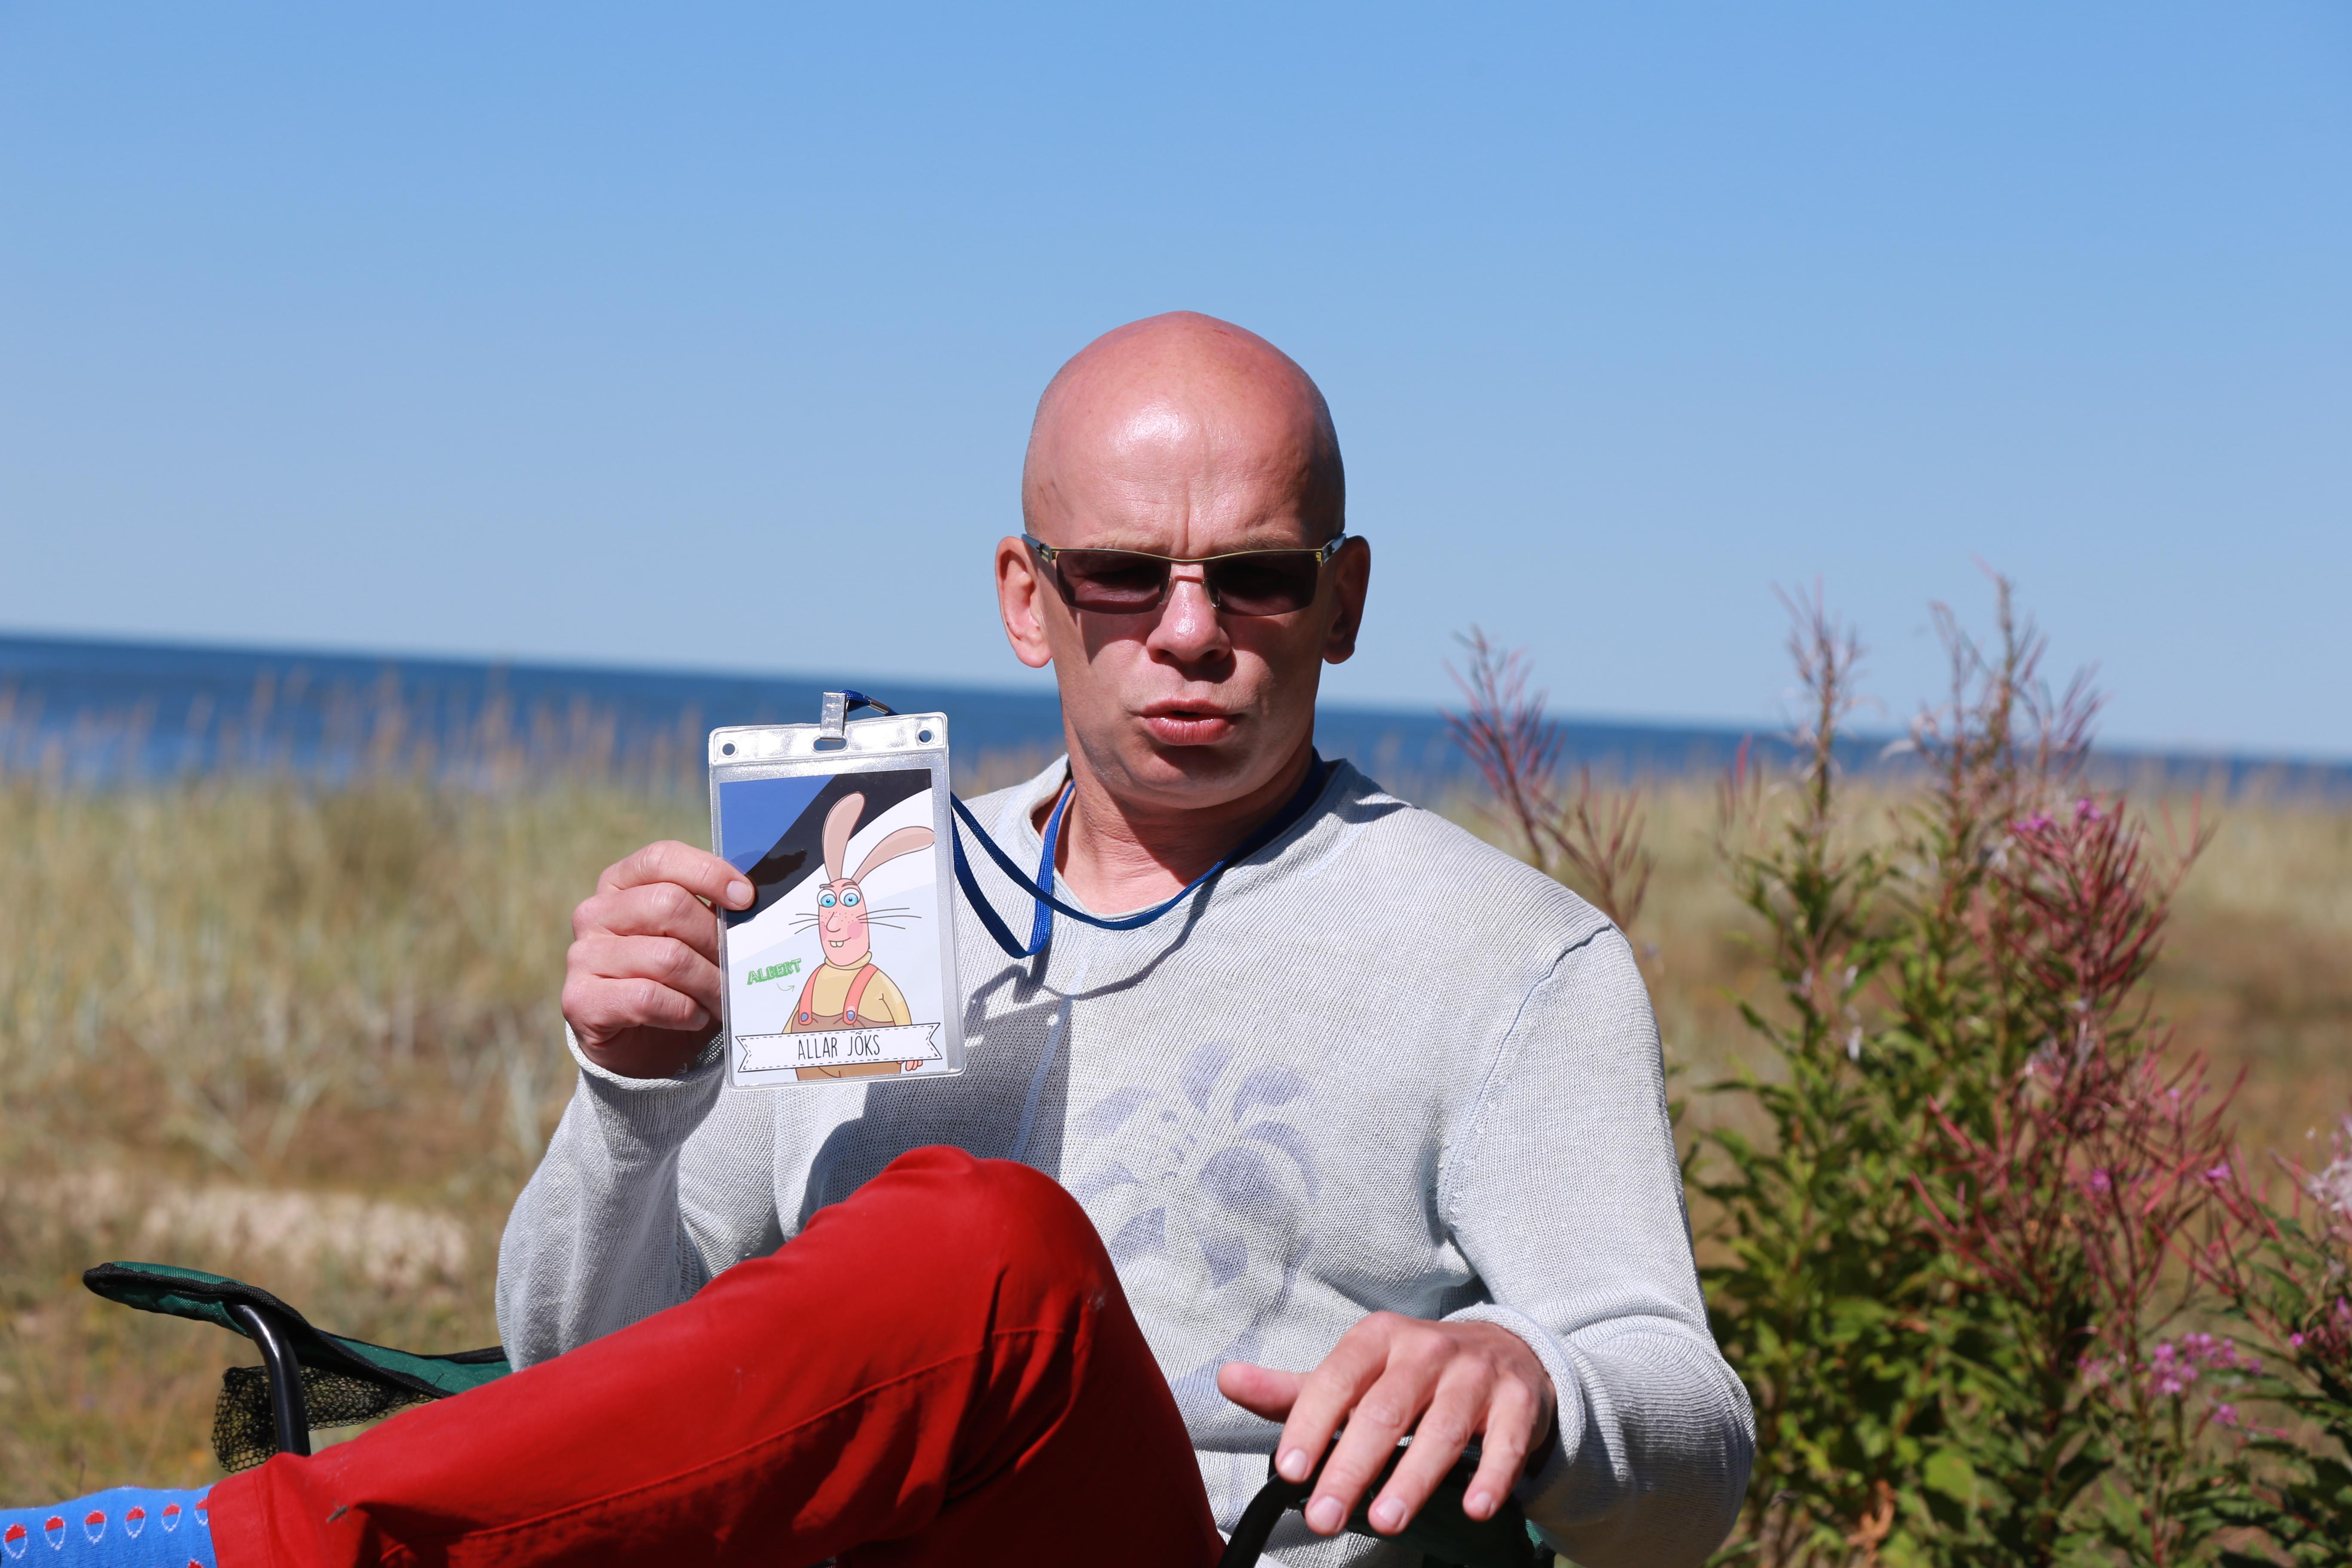 5d1ced0c611 Eesti mõjukaim jurist on oma karjääri Haapsalus alustanud Allar Jõks ...